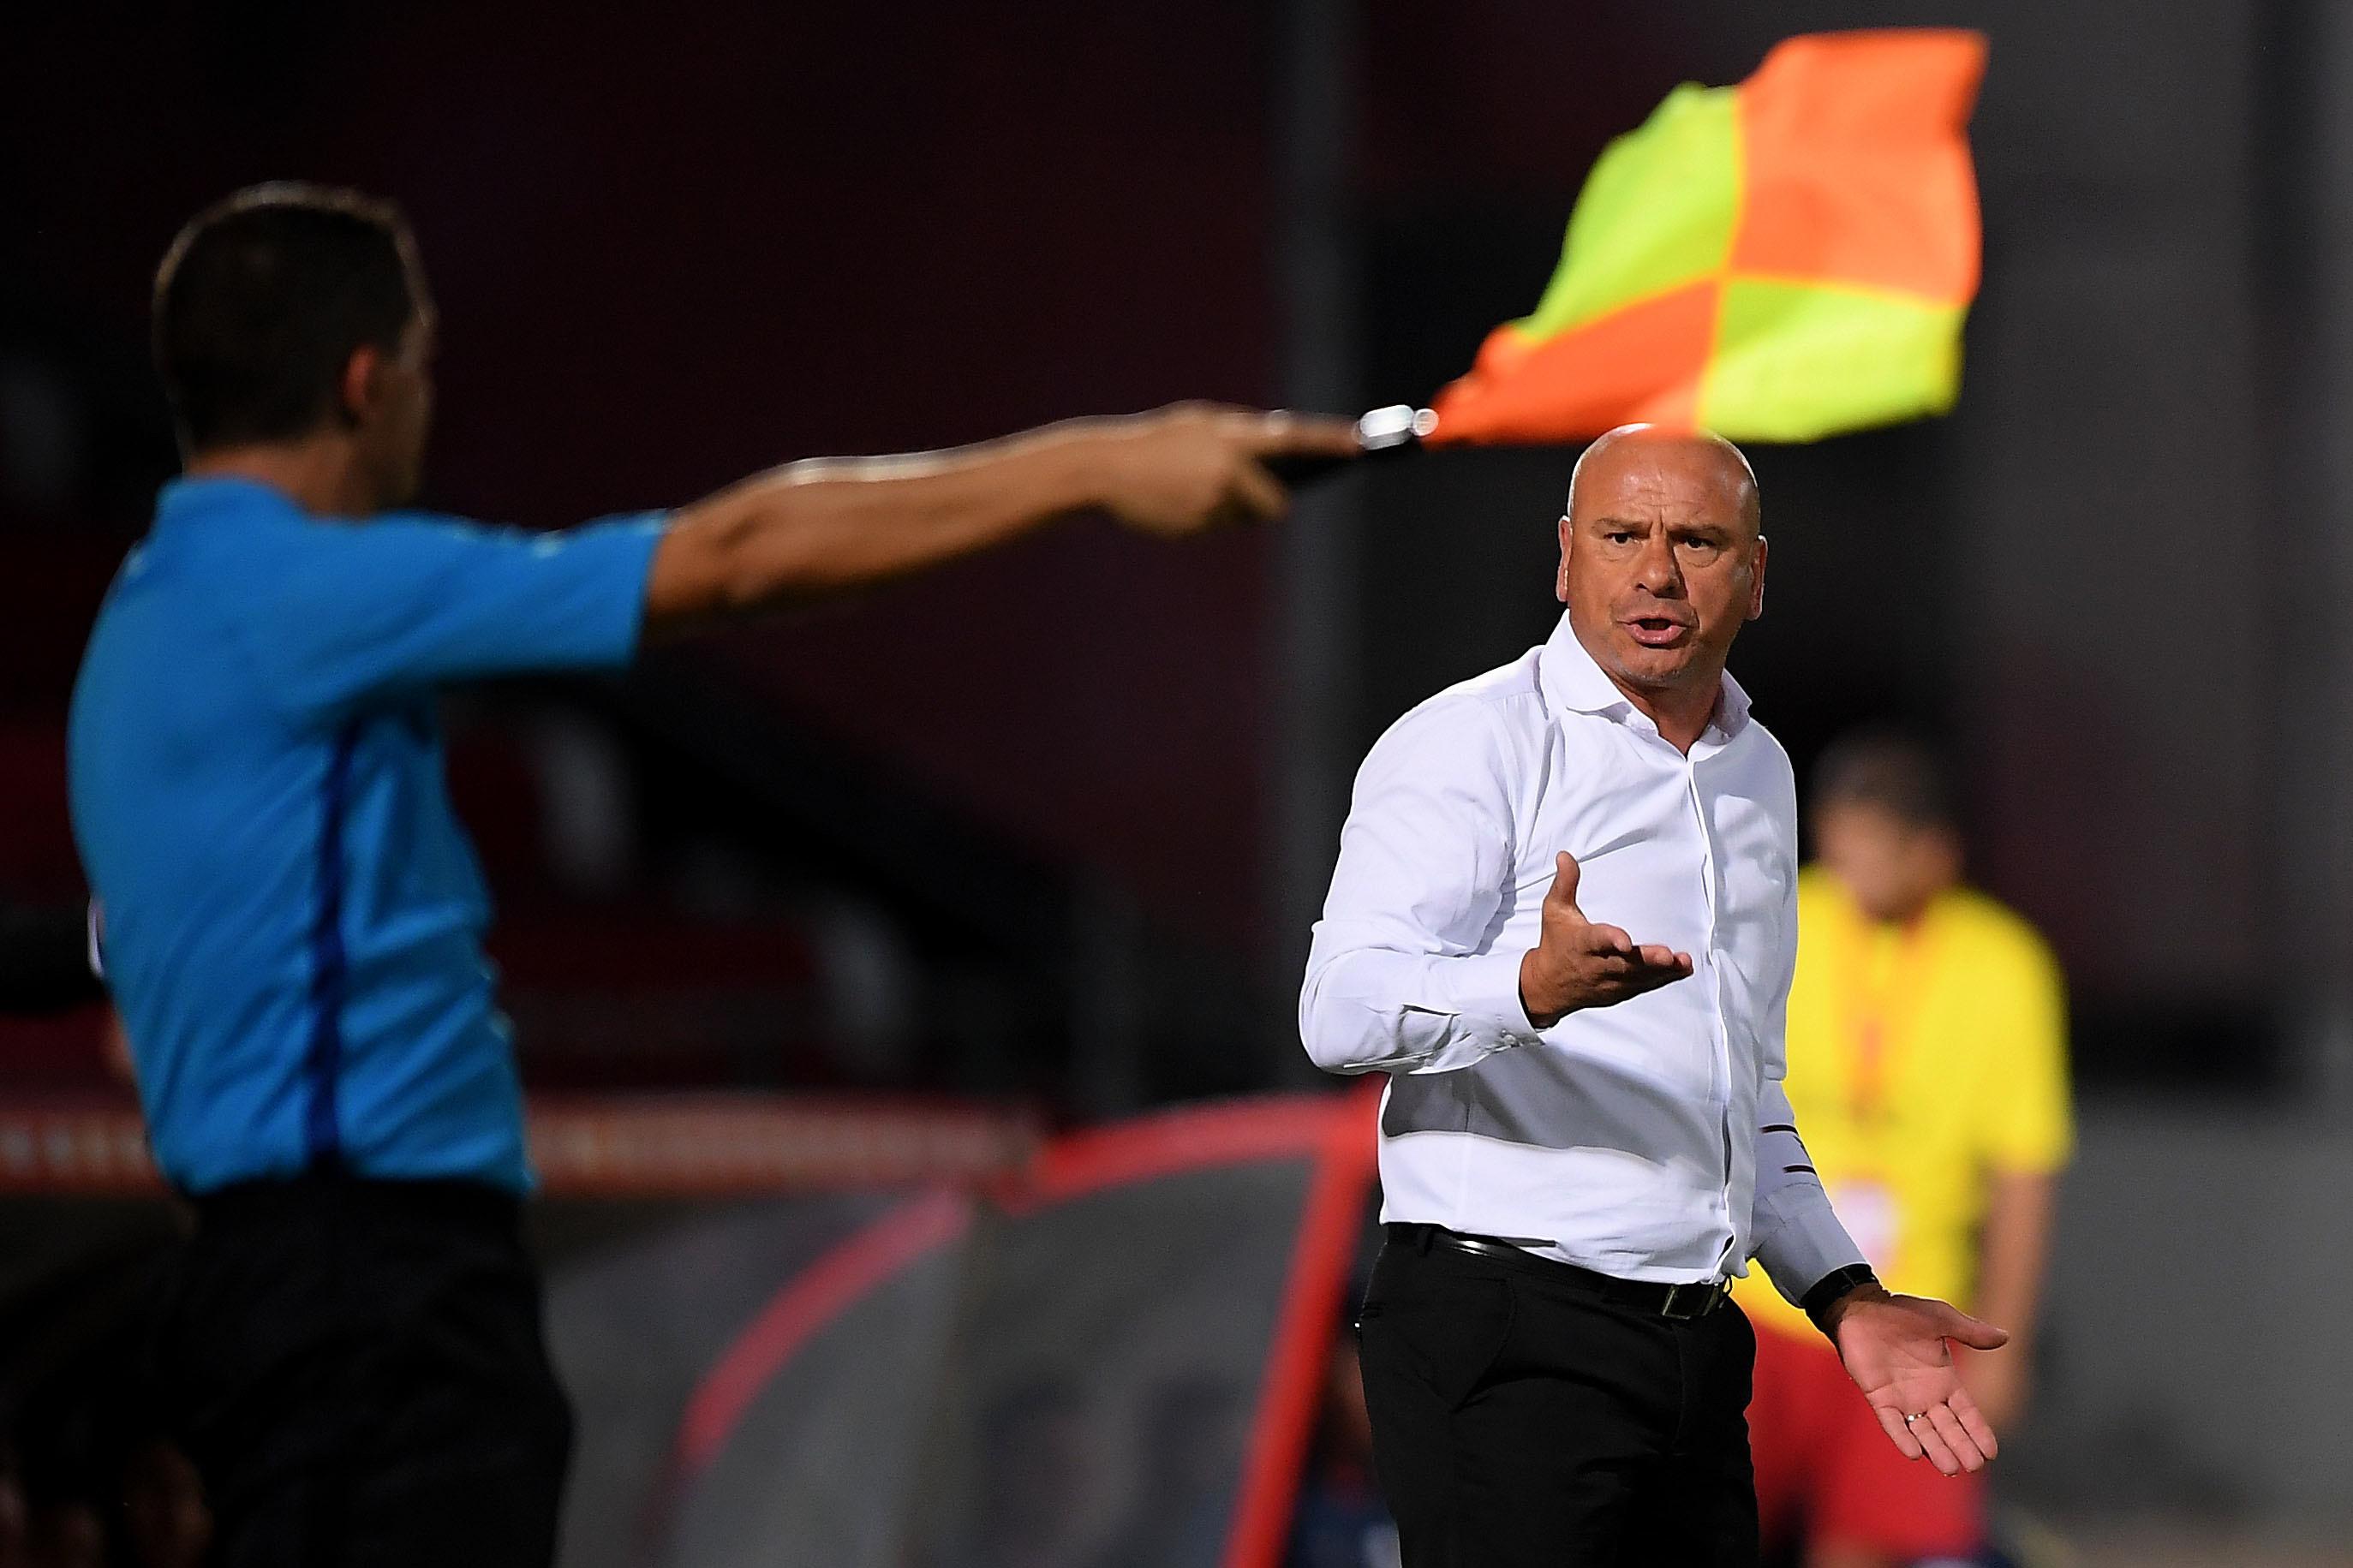 Treinador do Aves espera muitas dificuldades frente ao Vitória de Guimarães